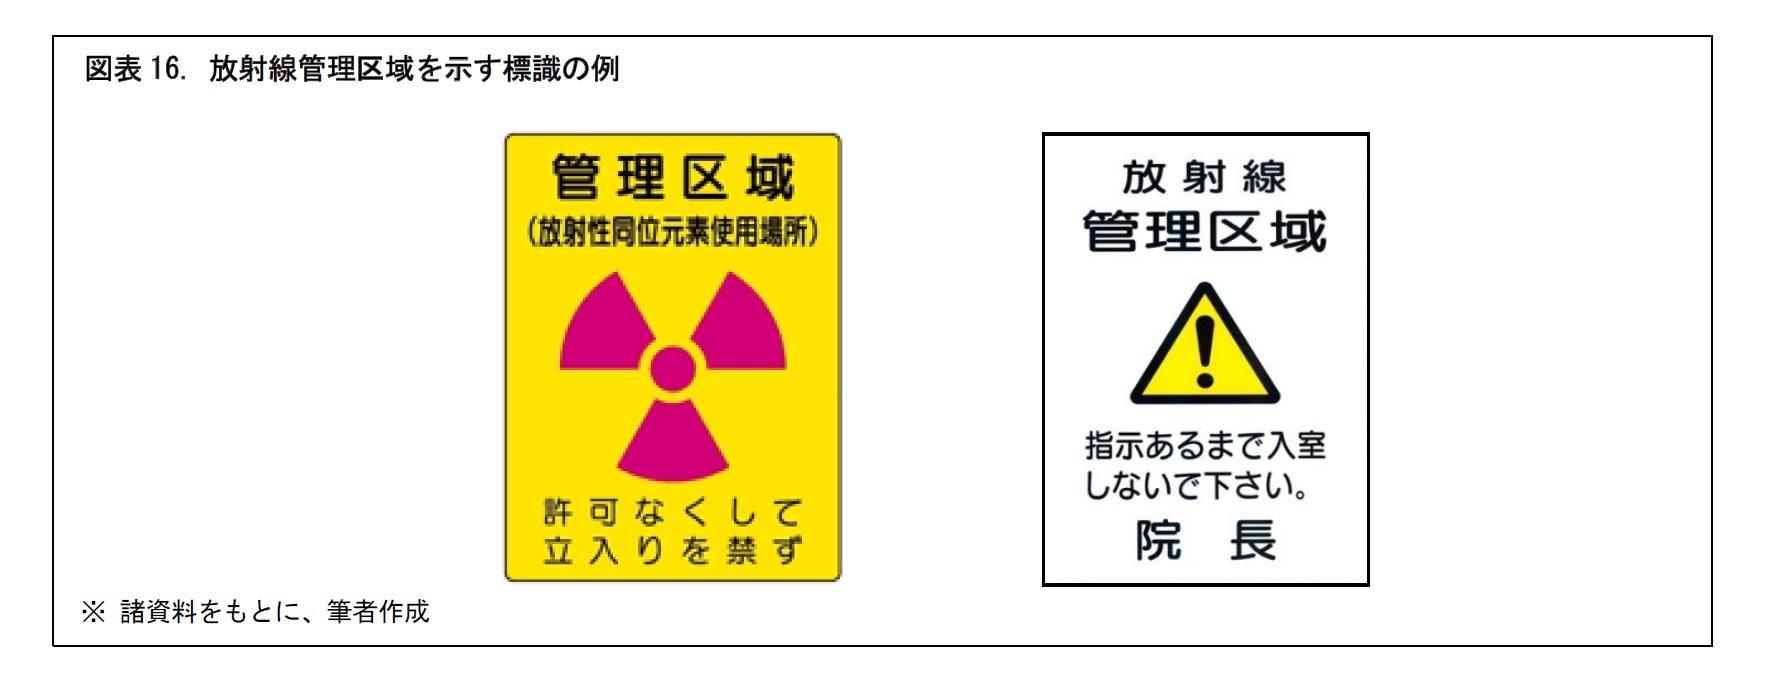 図表16. 放射線管理区域を示す標識の例